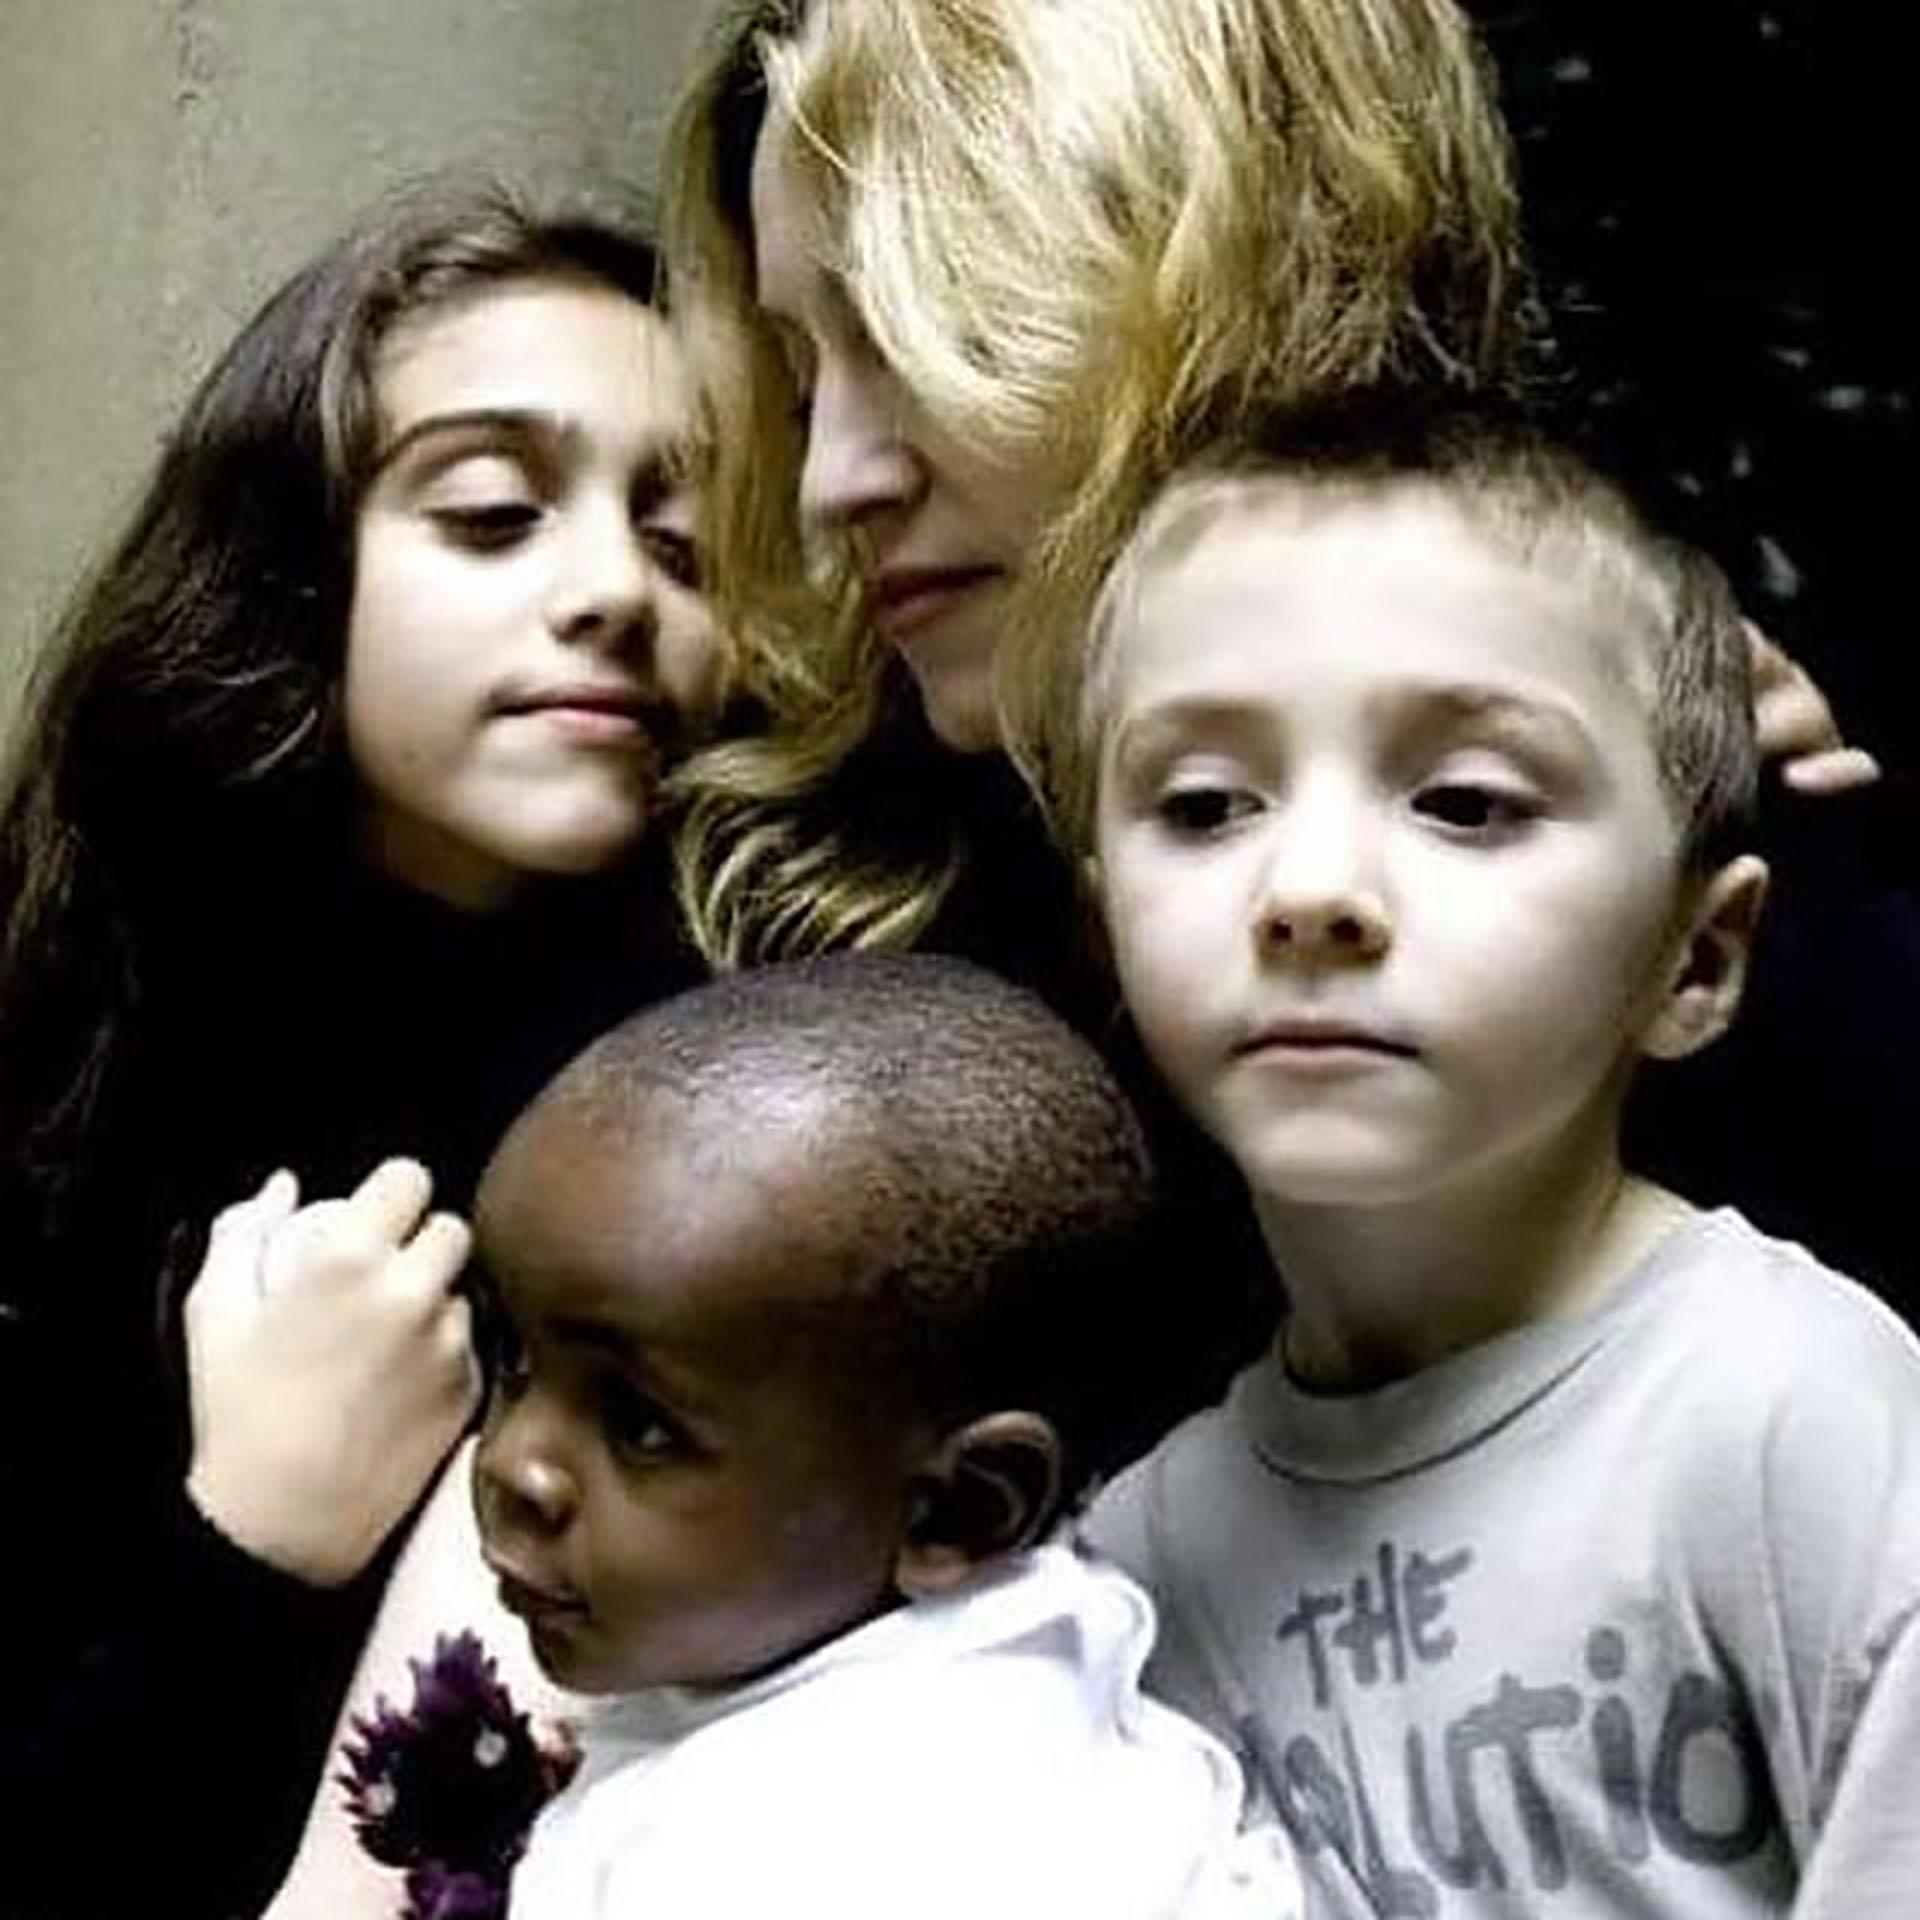 Madonna adoptó con 13 meses a David Banda. Hoy a sus 11 años juega al fútbol en las divisiones inferiores del club Benfica de Portugal, país al que se mudó la artista por la carrera de su hijo